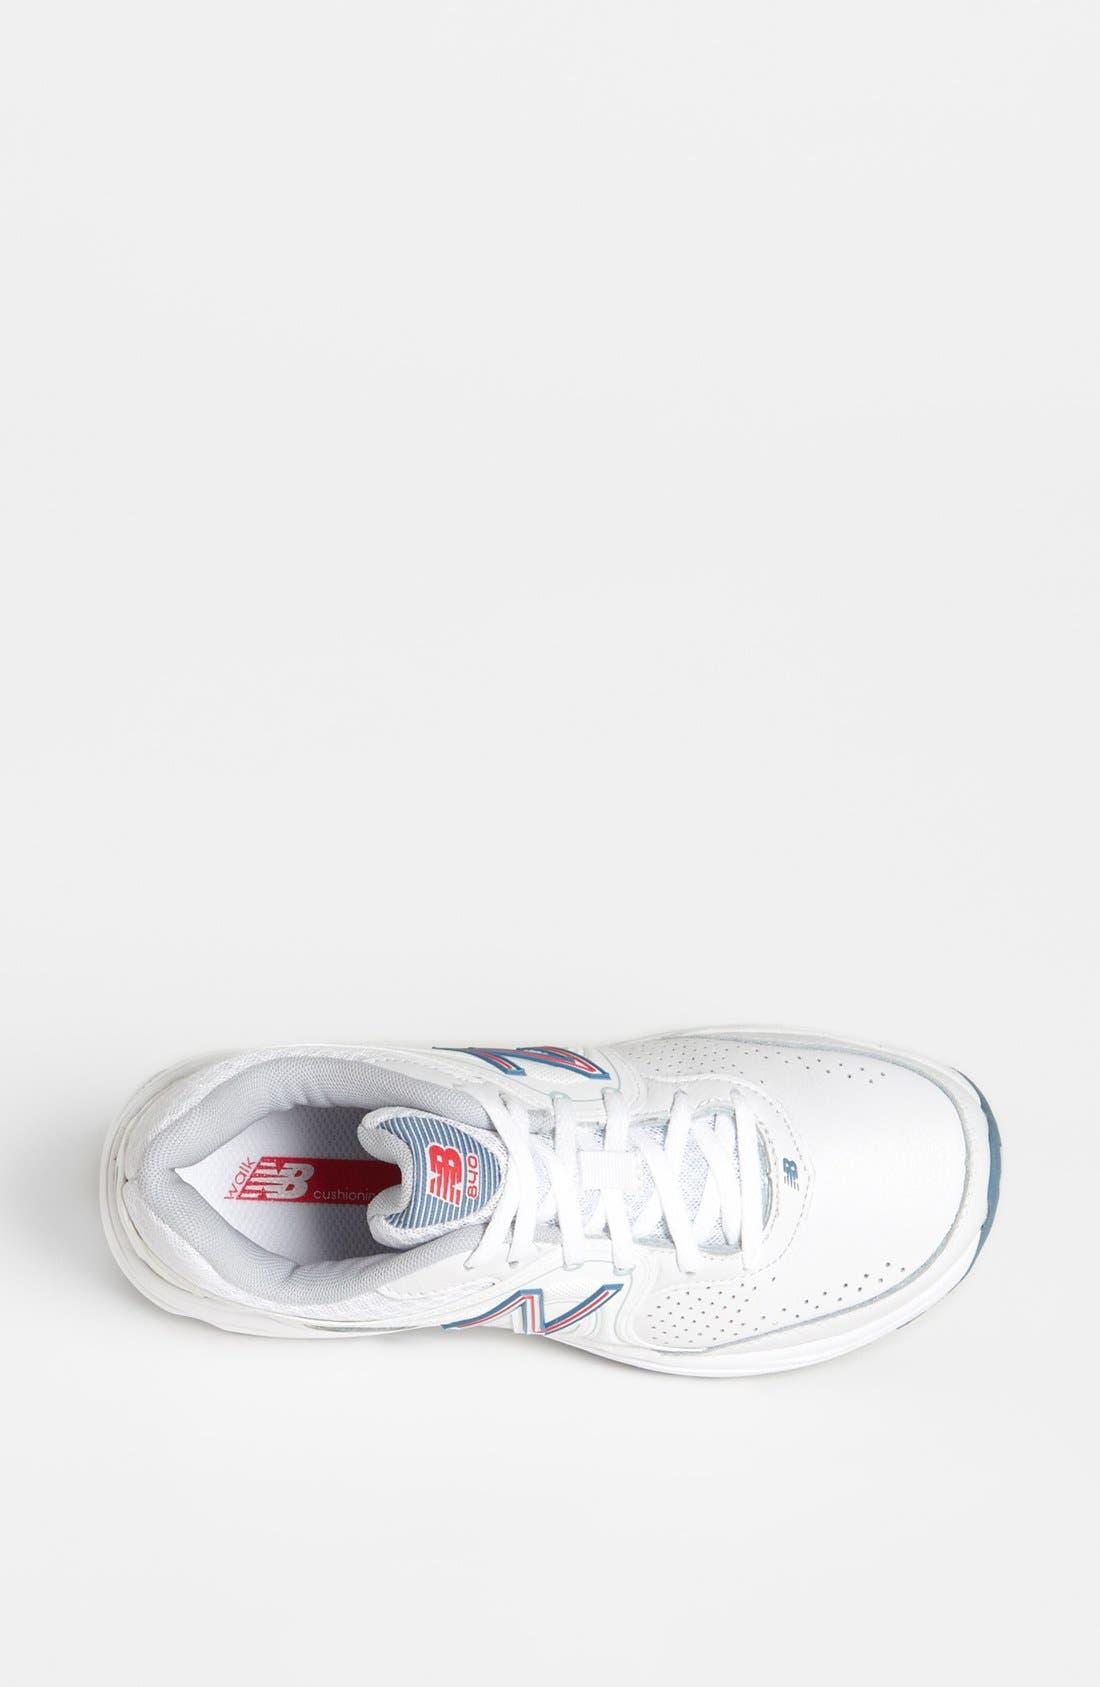 Alternate Image 3  - New Balance '840' Walking Shoe (Women) (Regular Retail Price: $99.95)